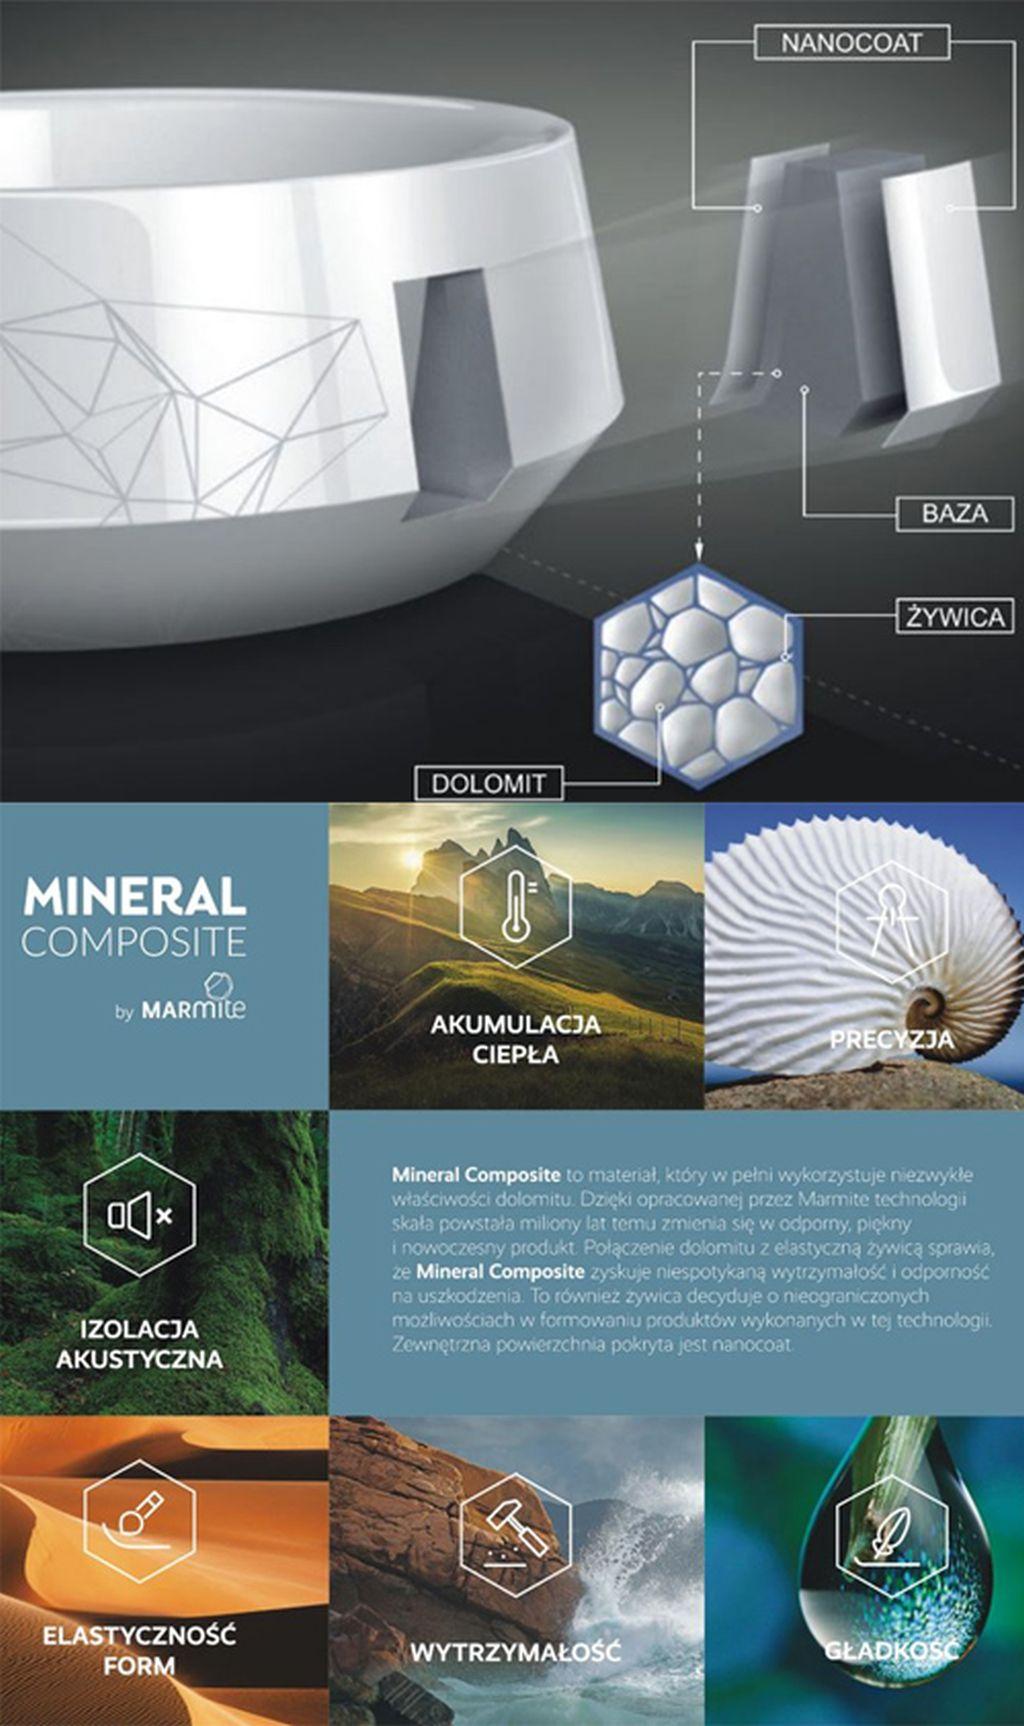 Jury wyróżniło także materiał Mineral Composite marki Marmite, wskazując na doskonałe możliwości konstruowania cienkościennych form ceramiki użytkowej. Fot. Marmite